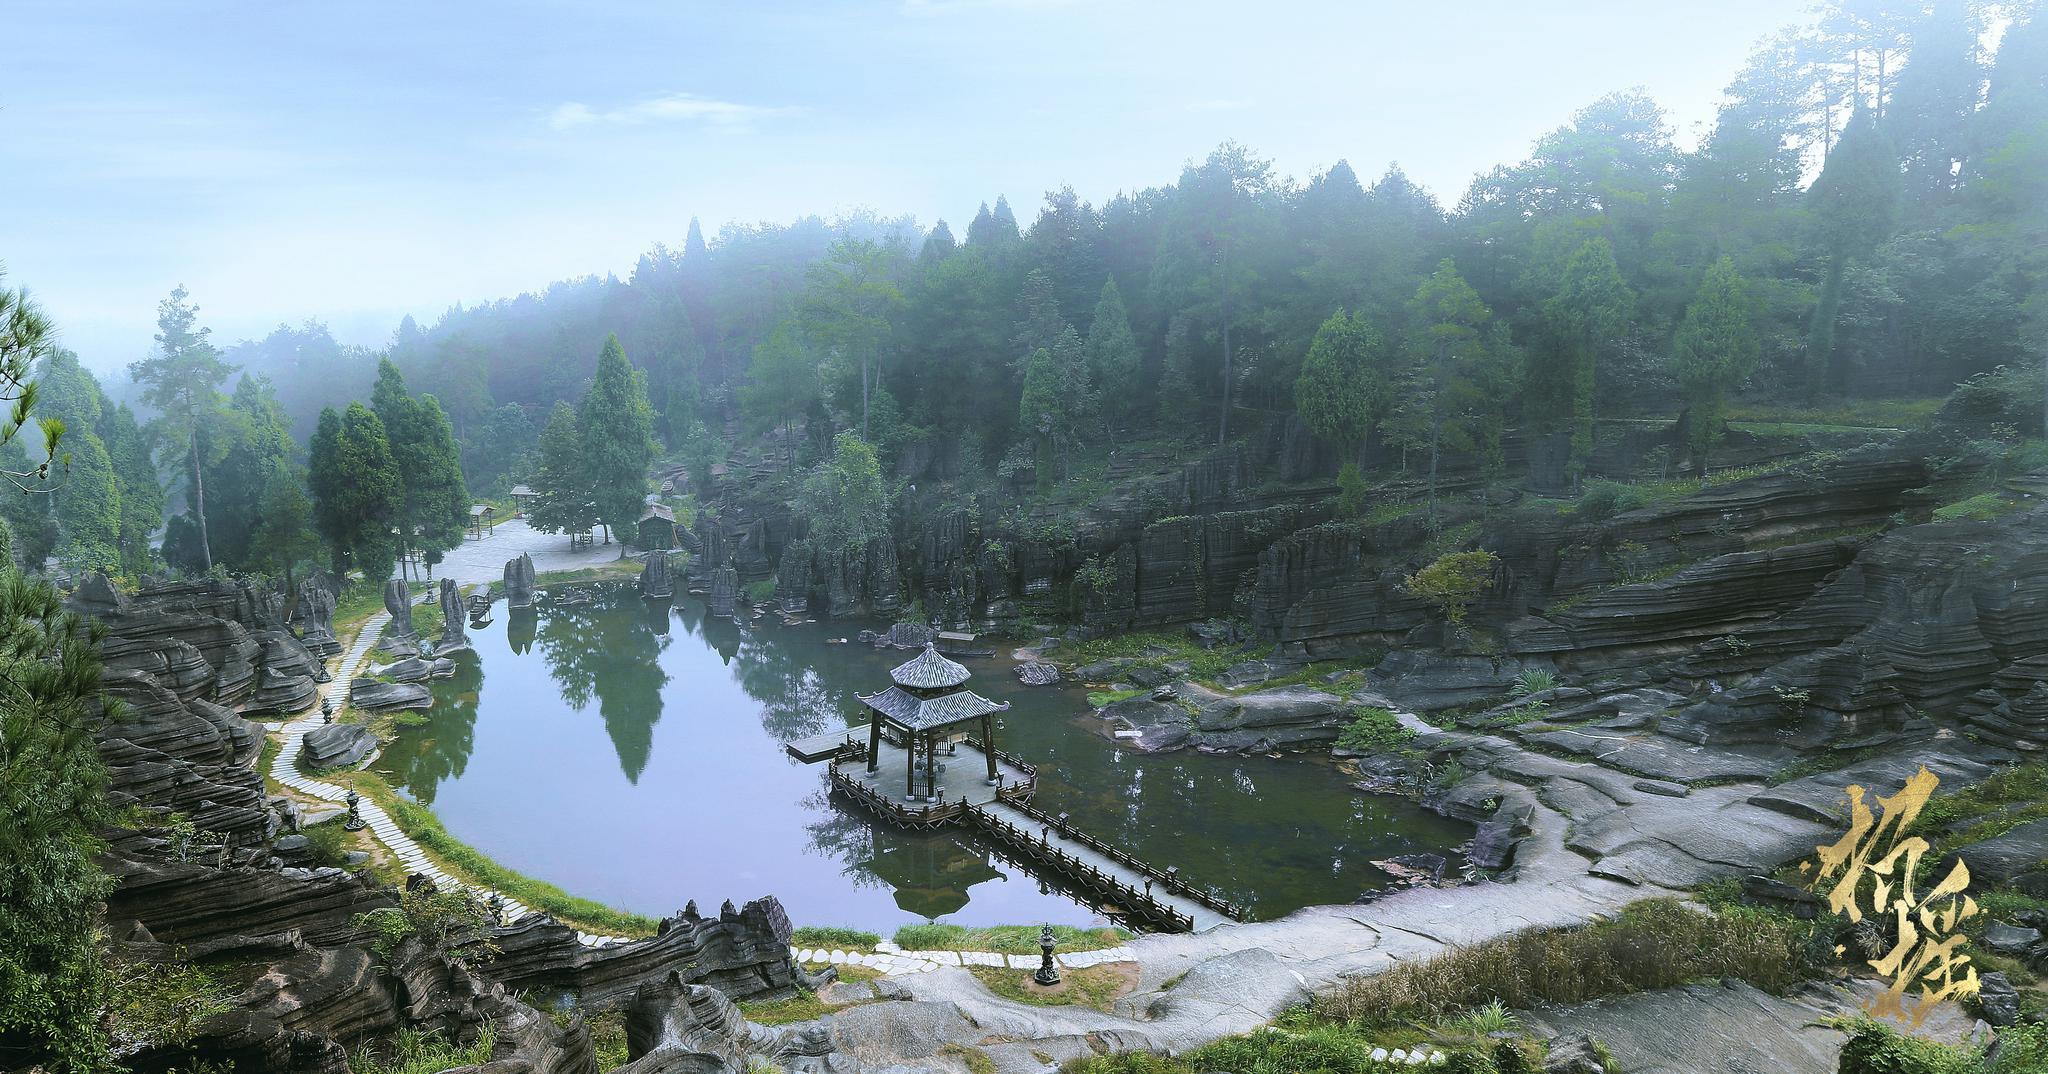 芙蓉镇·红石林度假区的盛世美颜